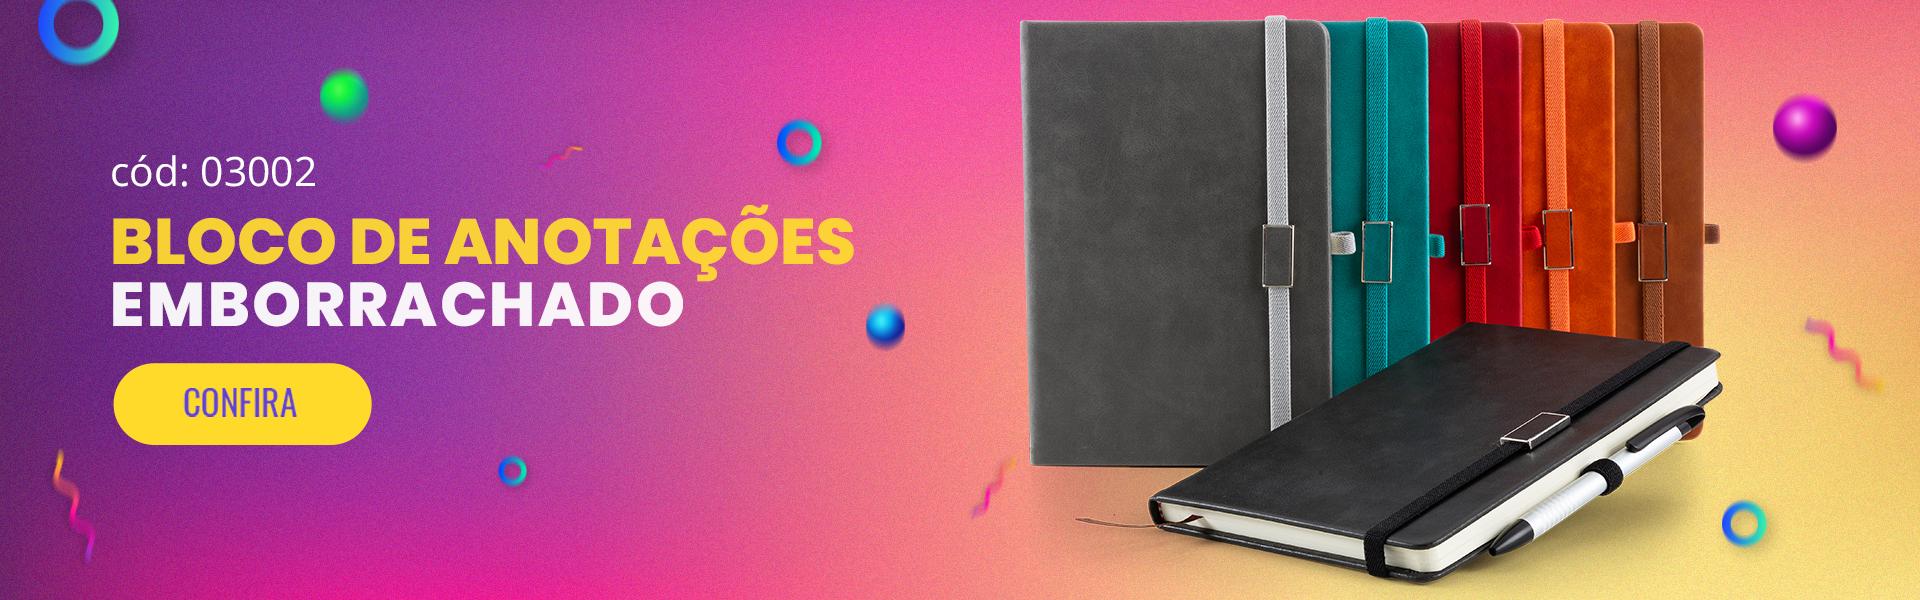 Banner bloco Novidade